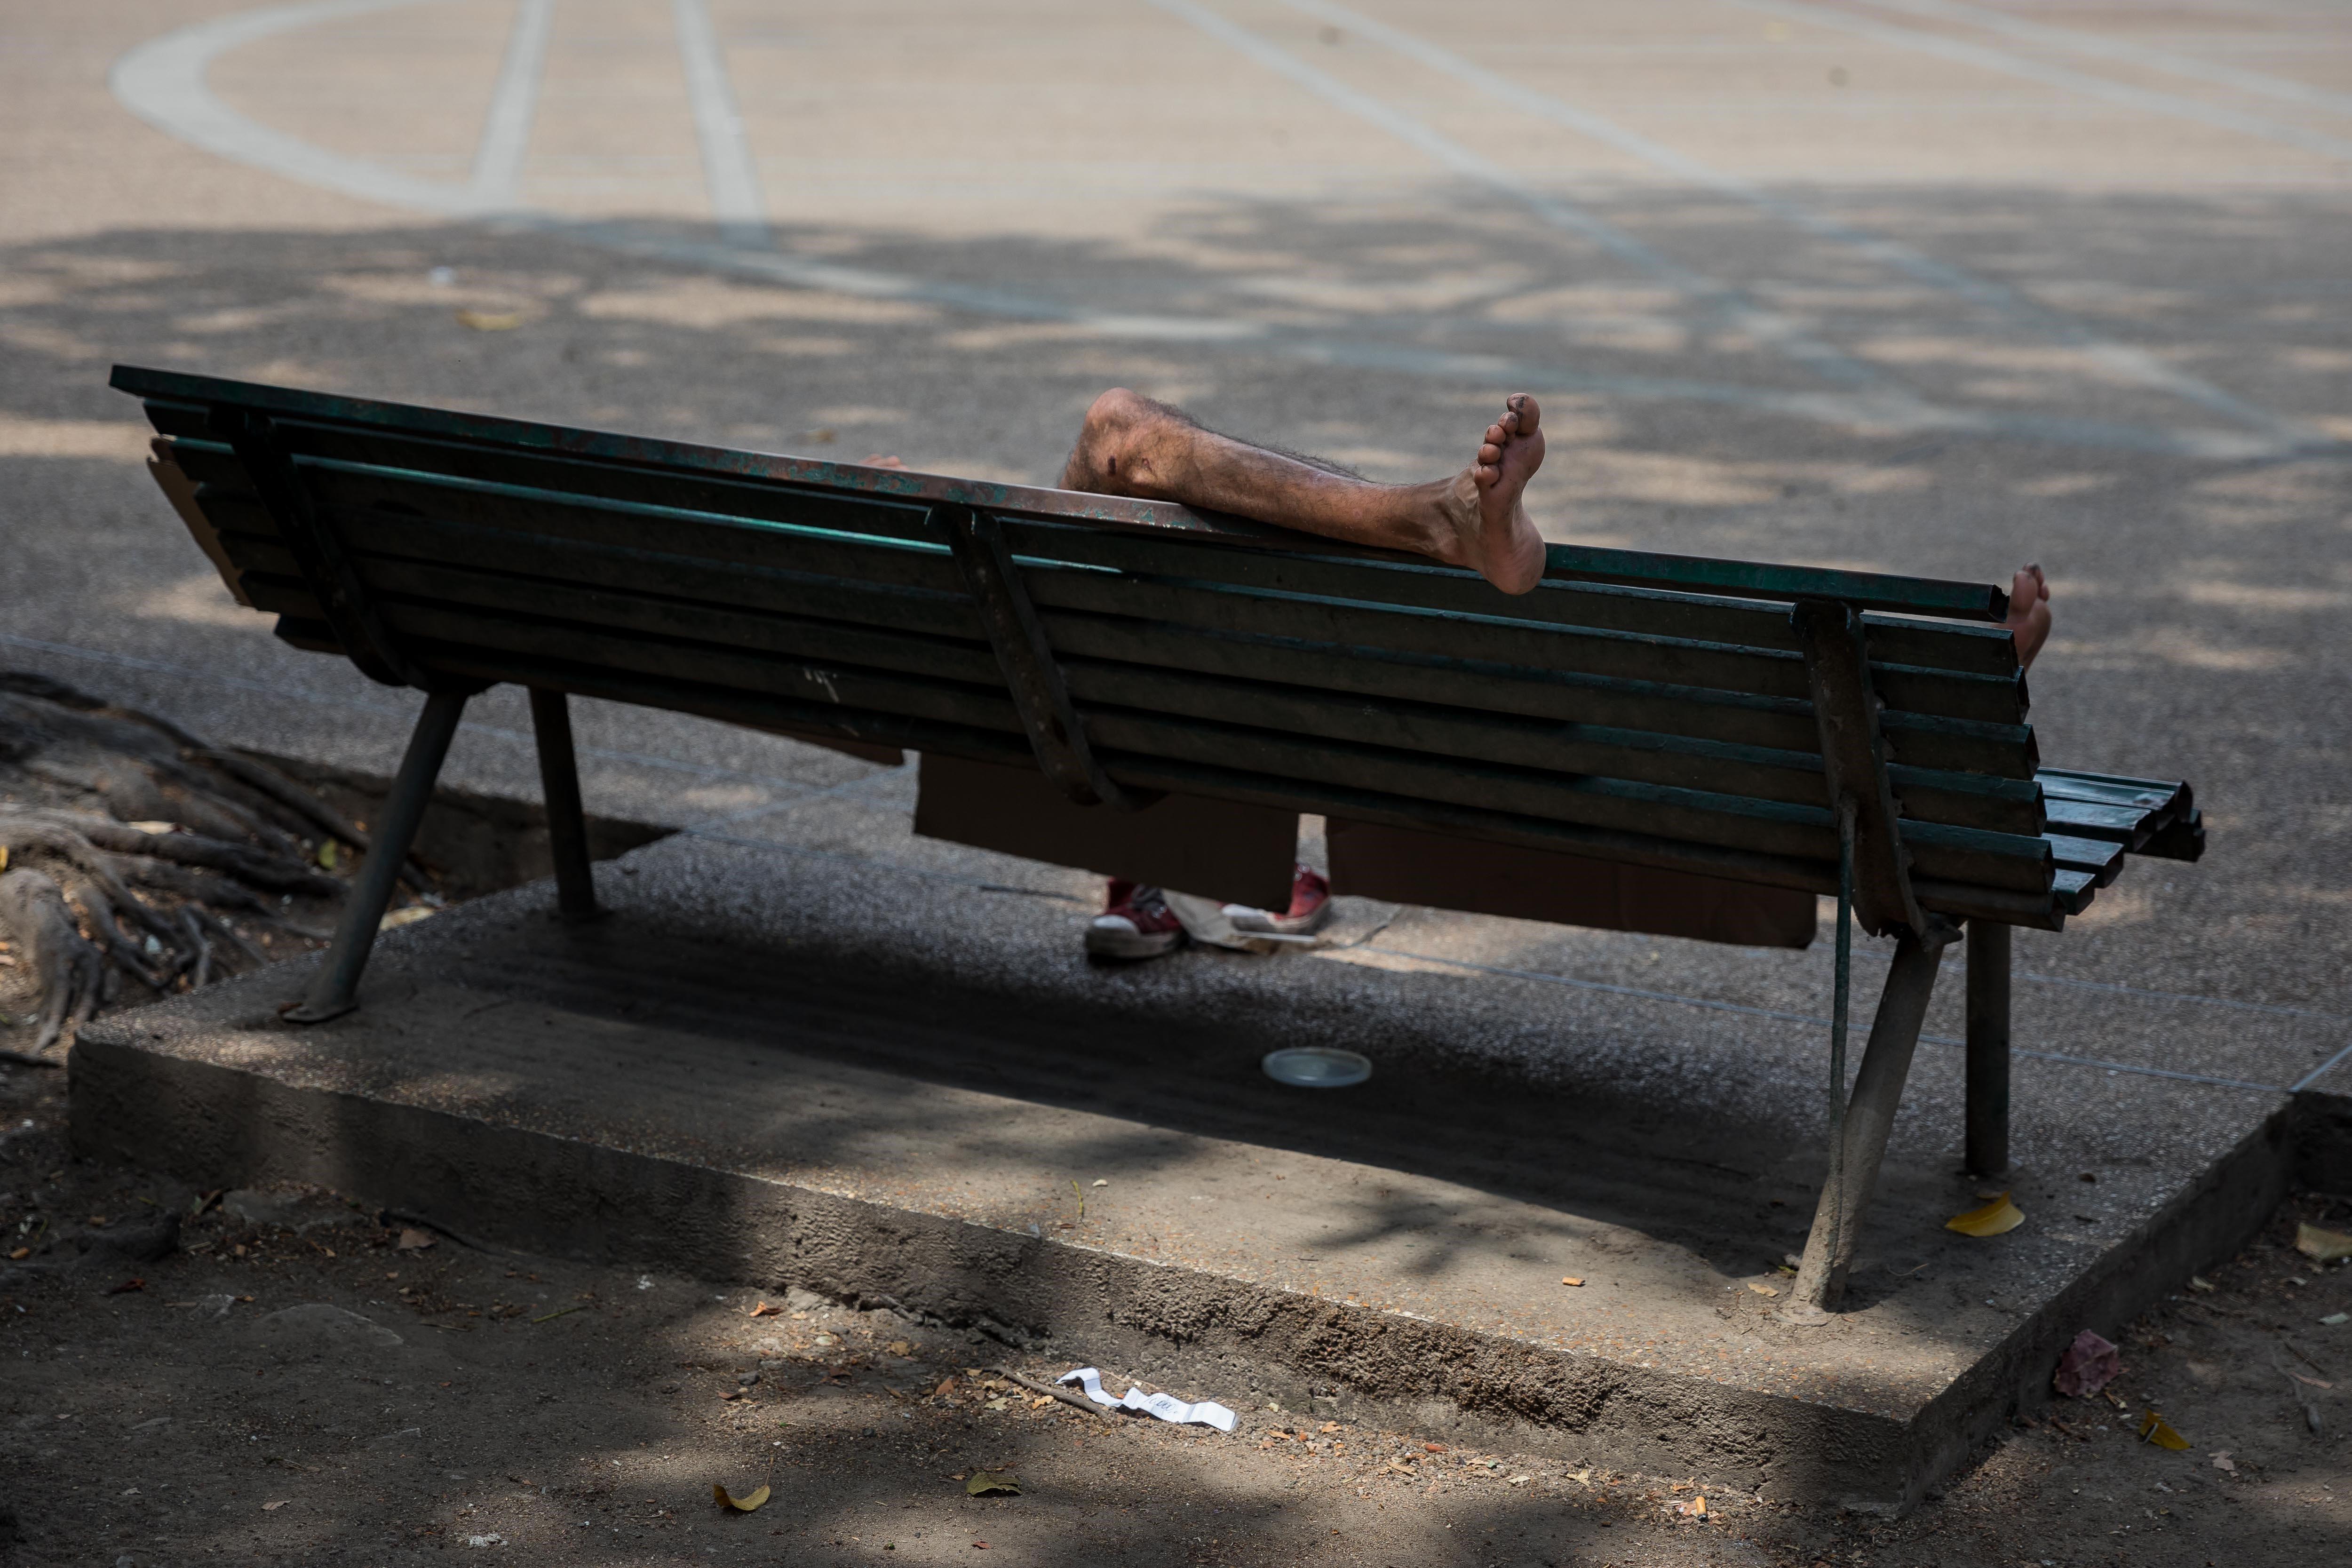 Nins desemparats queden a Veneçuela després de sortida del país dels seus pares. /MIGUEL GUTIÉRREZ